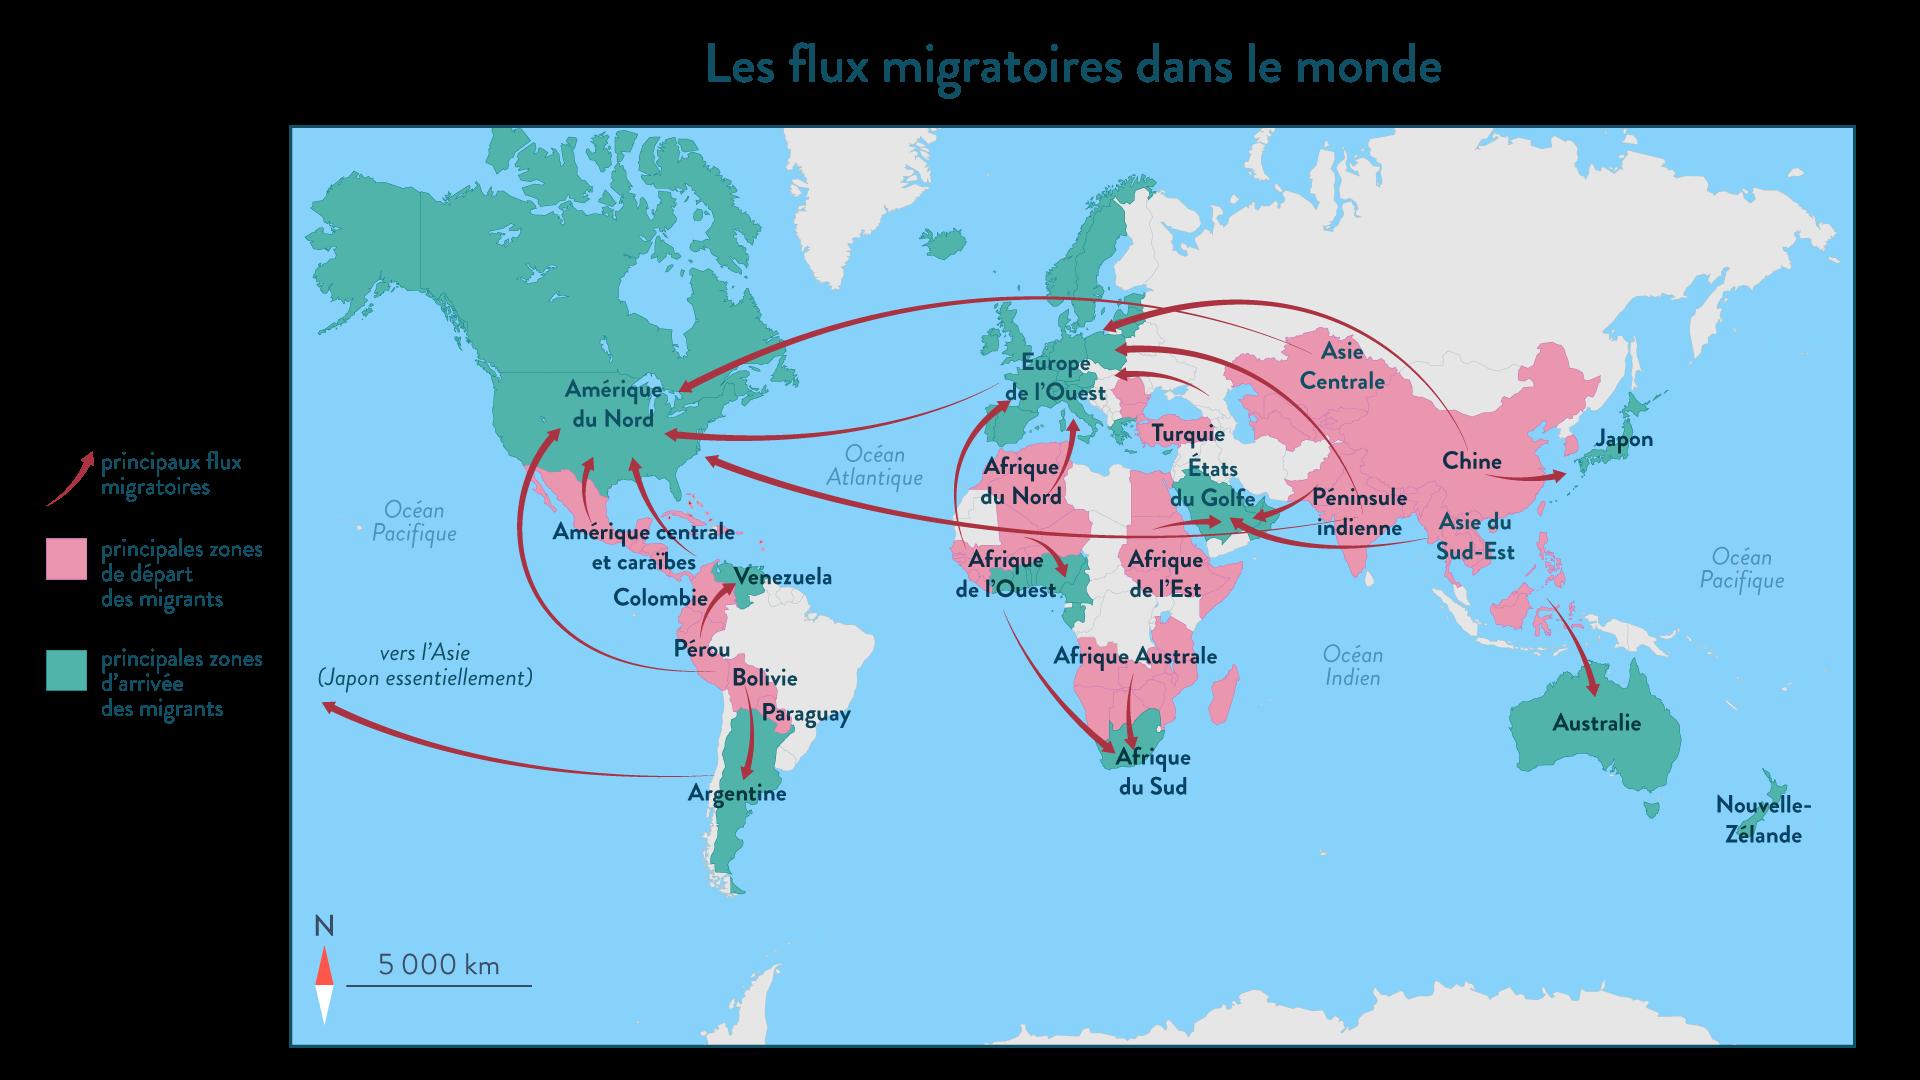 Les flux migratoires dans le monde - Géographie - 2de - SchoolMouv